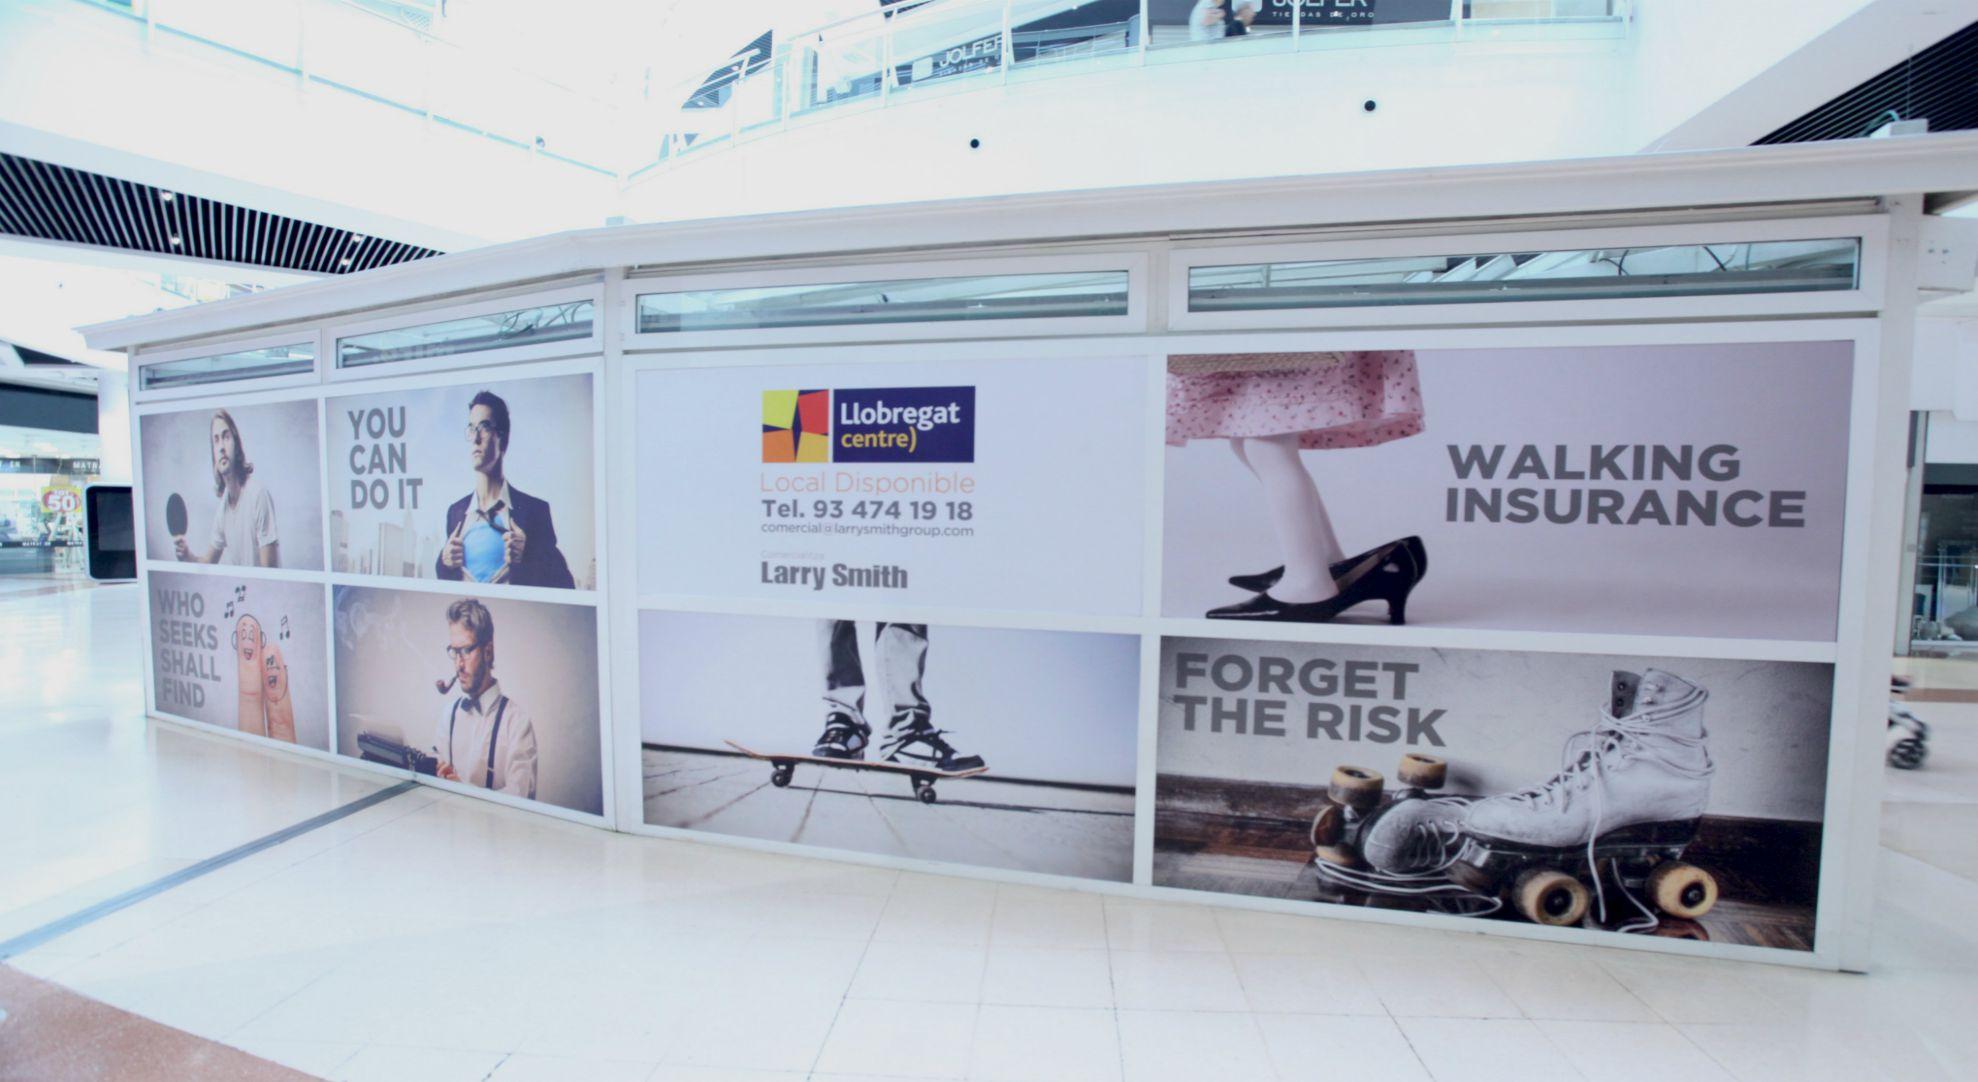 Us presentem la nova imatge del Llobregat Centre!